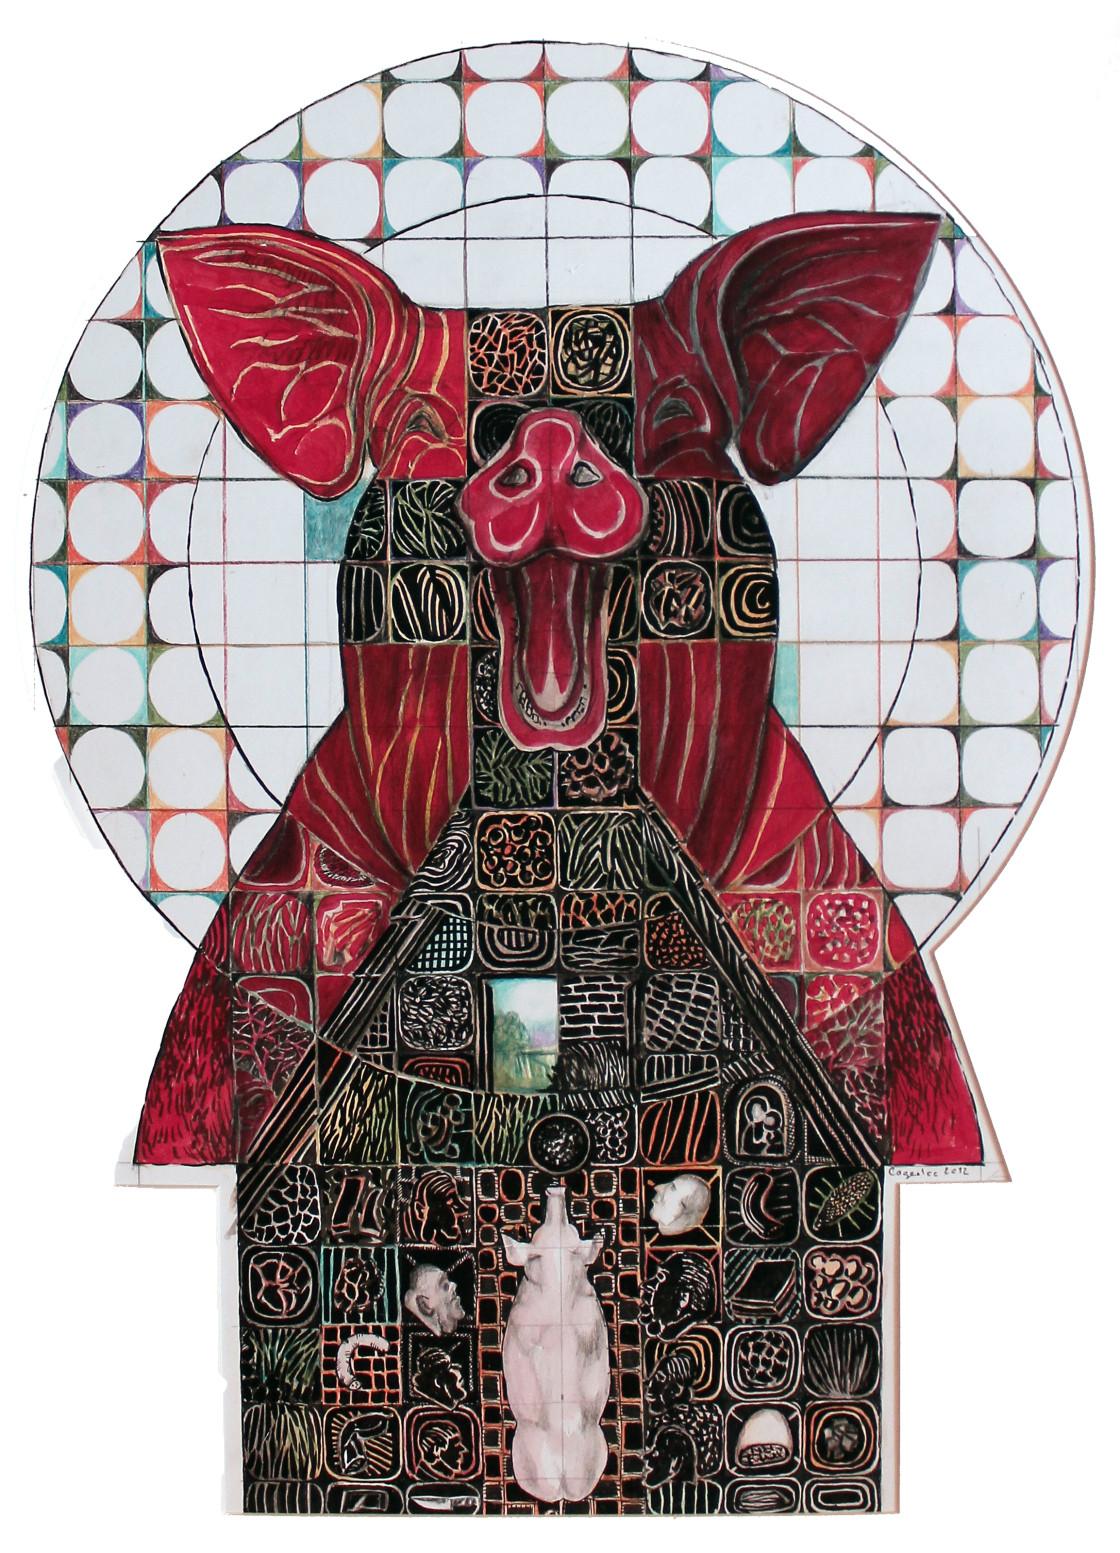 Aurel Gheorghiu Cogealac, Totem 3, 2012, Mixed Media, 72x56 cm, mit freundlicher Genehmigung des Künstlers